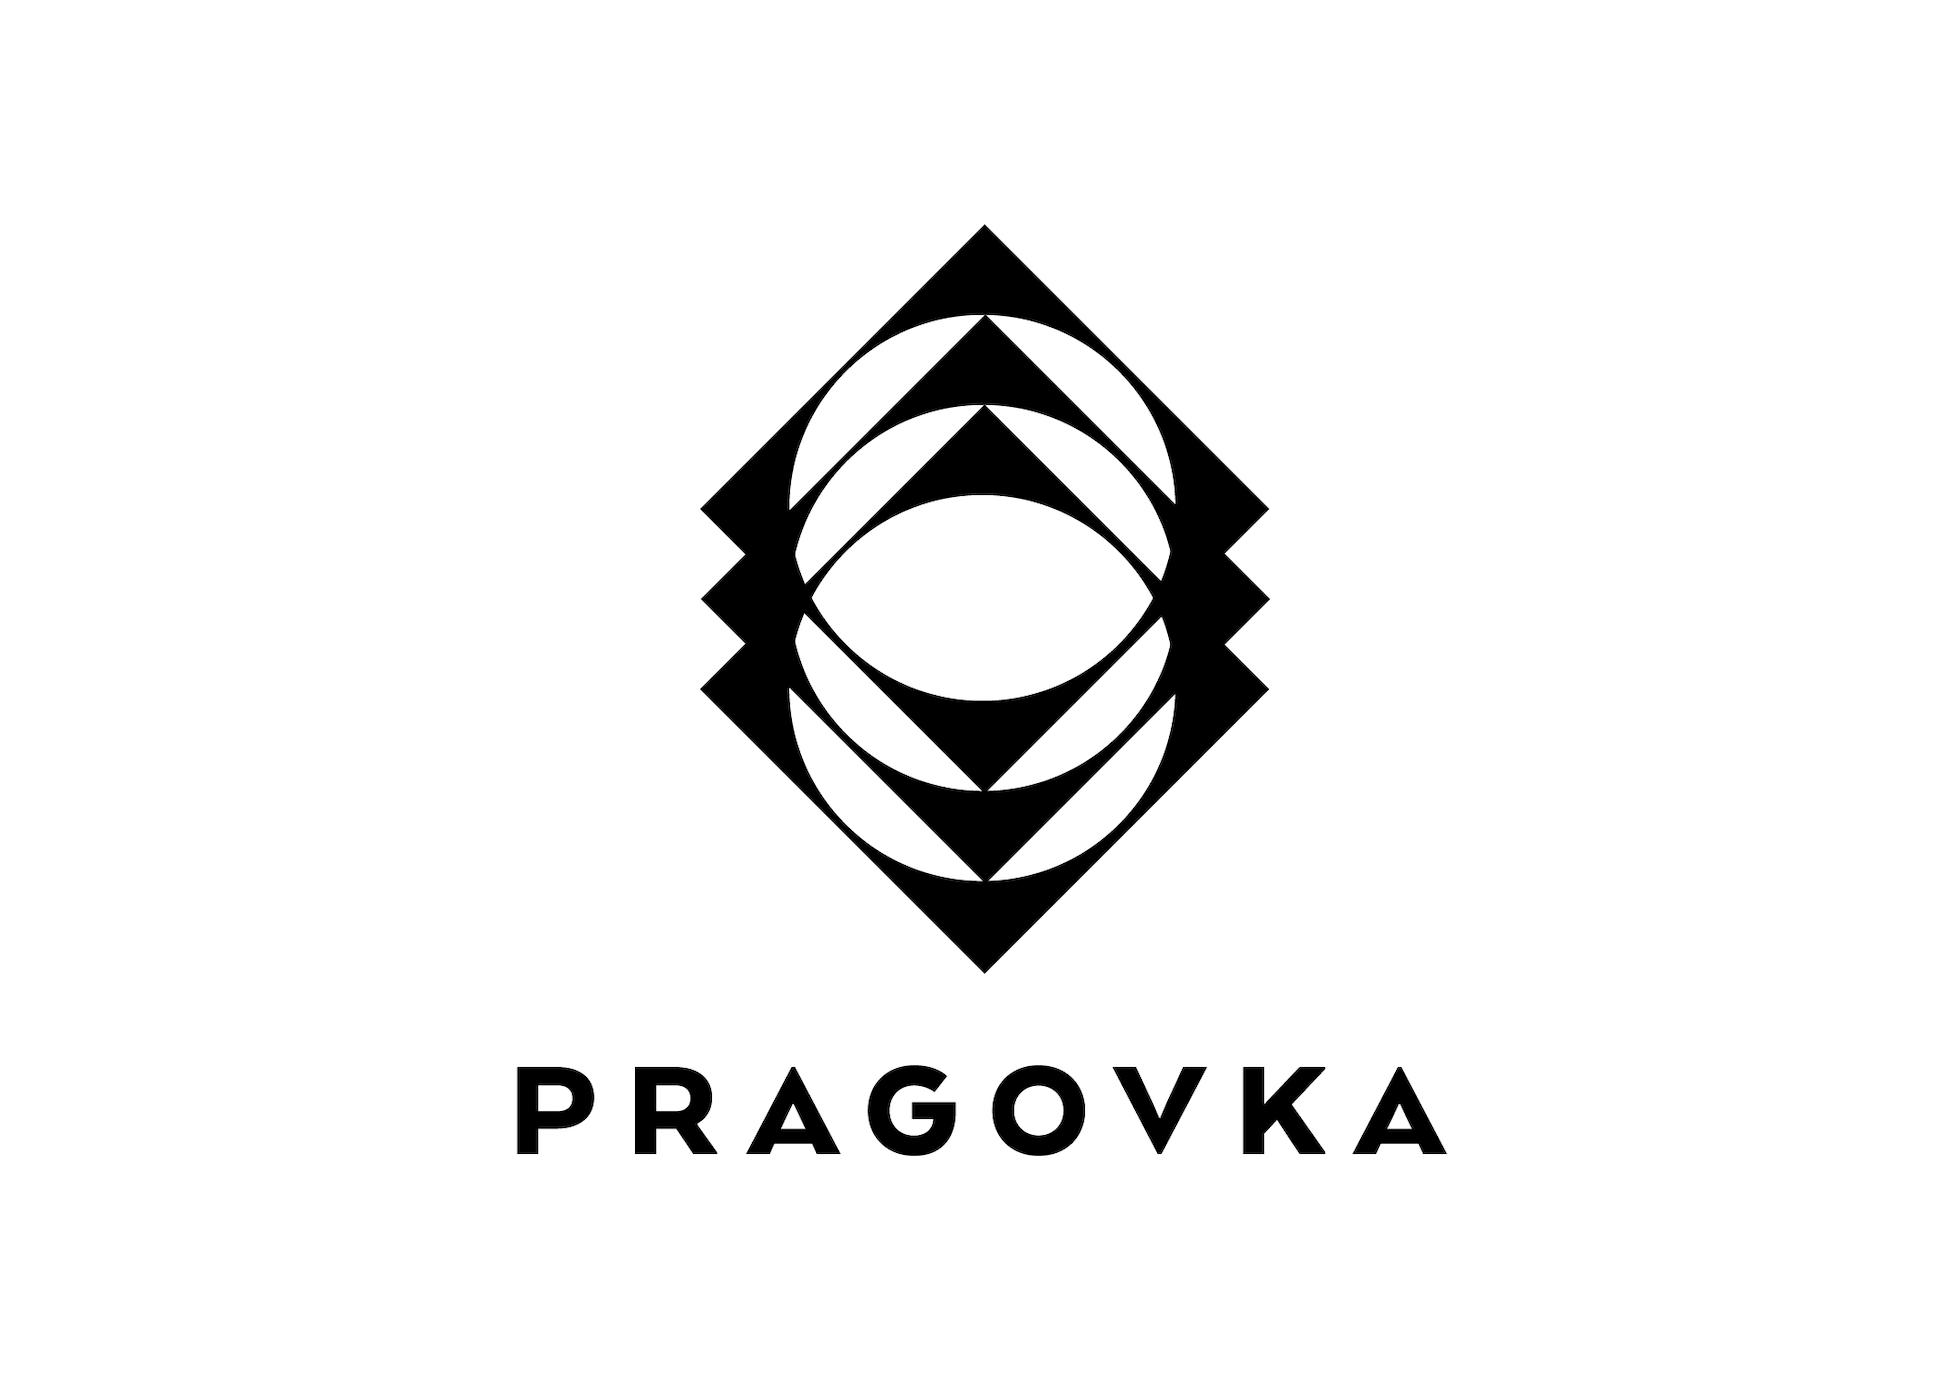 Pragovka logo